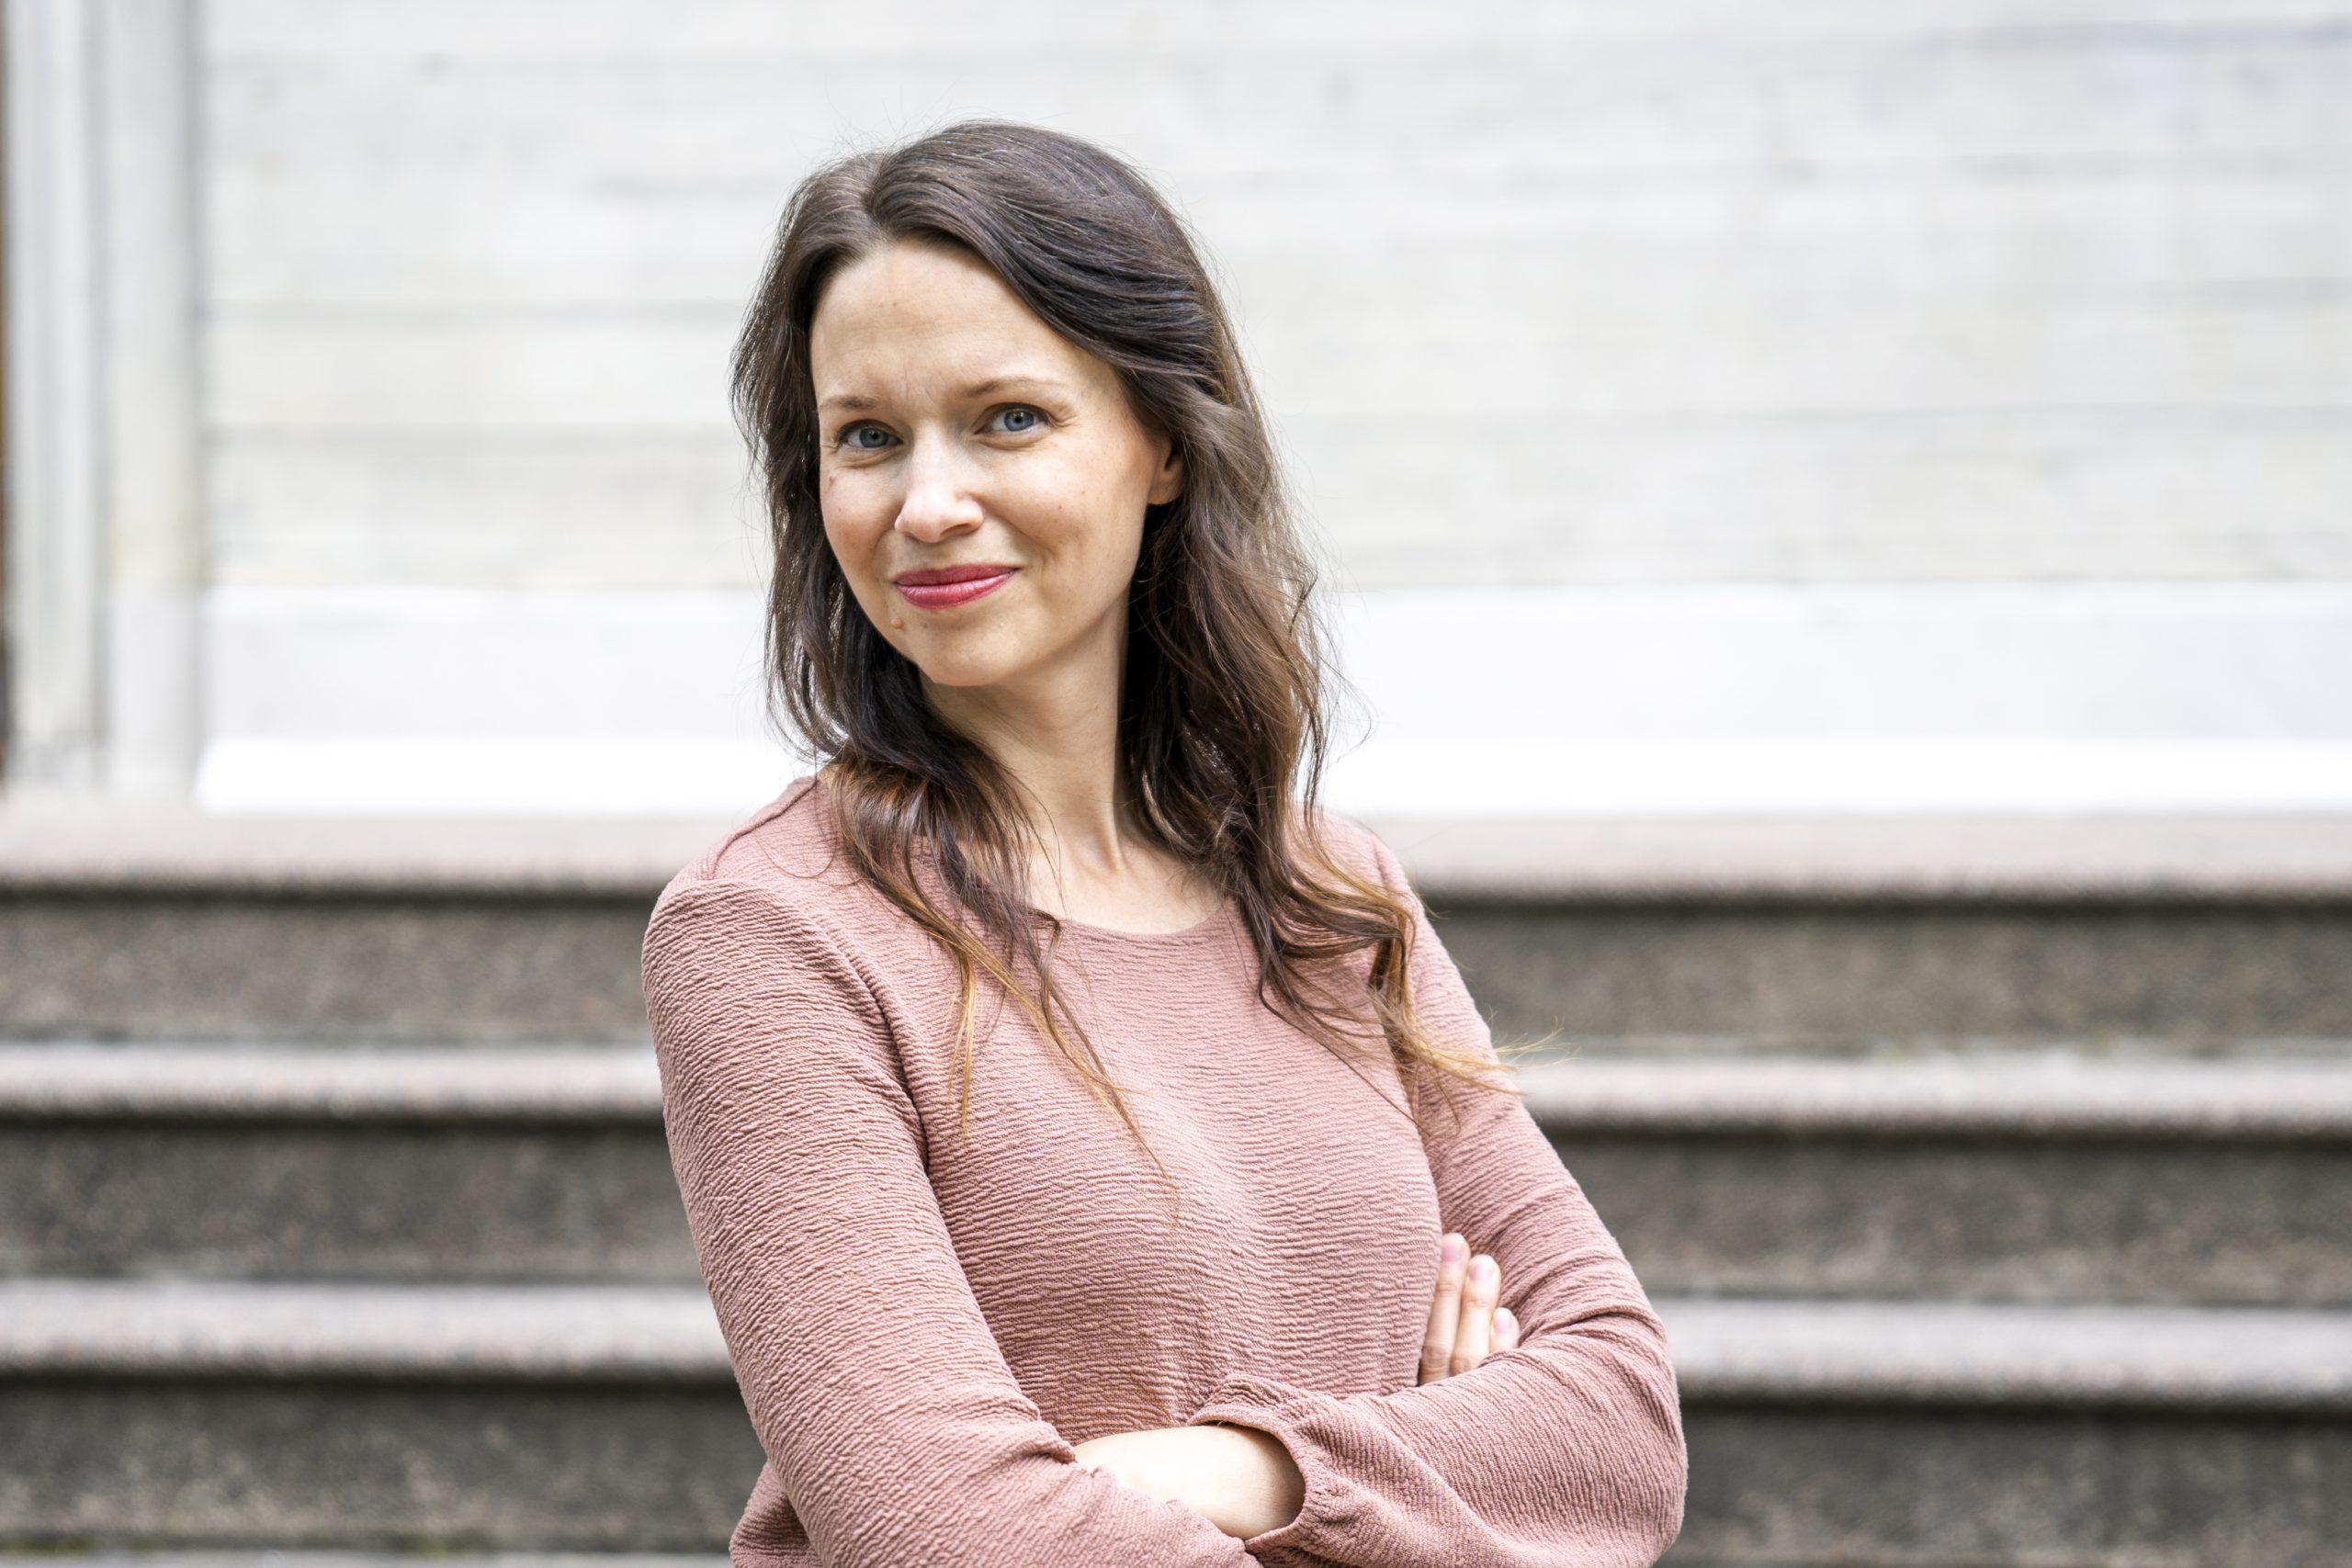 Laura Pääkkönen